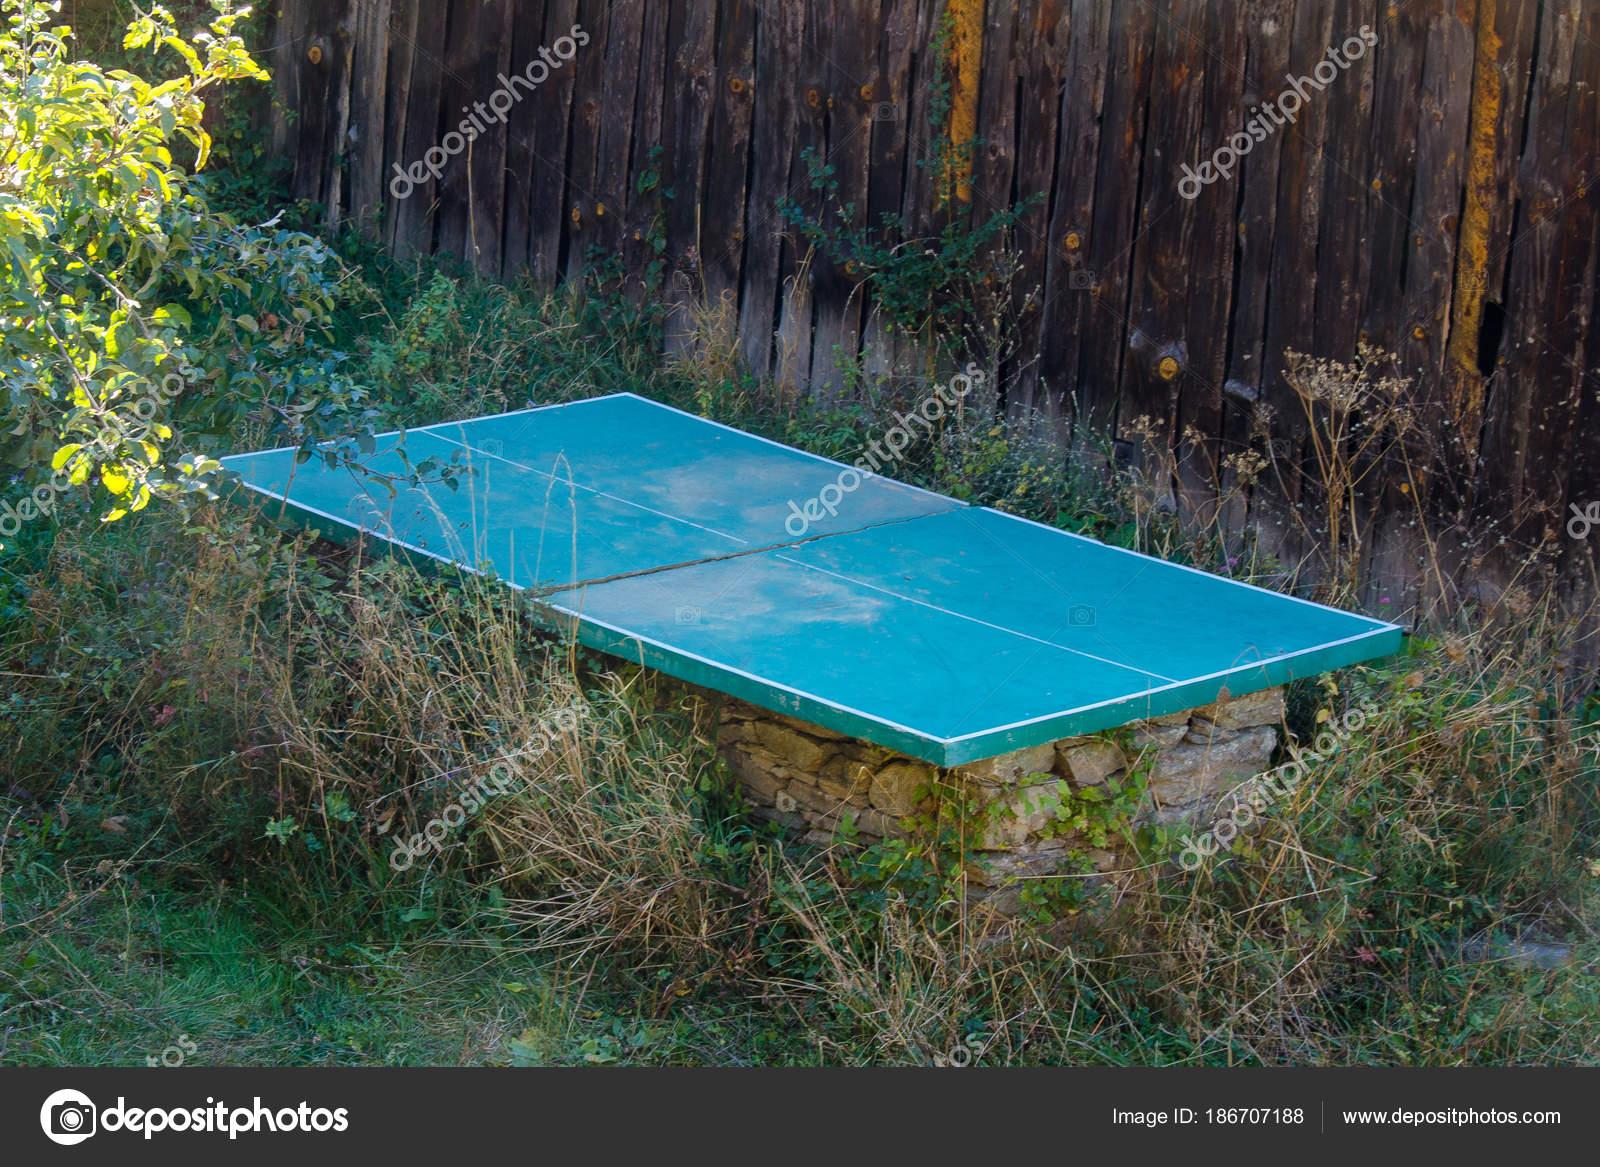 8722f4196 Abandonados al aire libre tenis de mesa o ping pong mesa en piedra base sin  red perdido en jardín cubierto con malas hierbas — Foto de ...